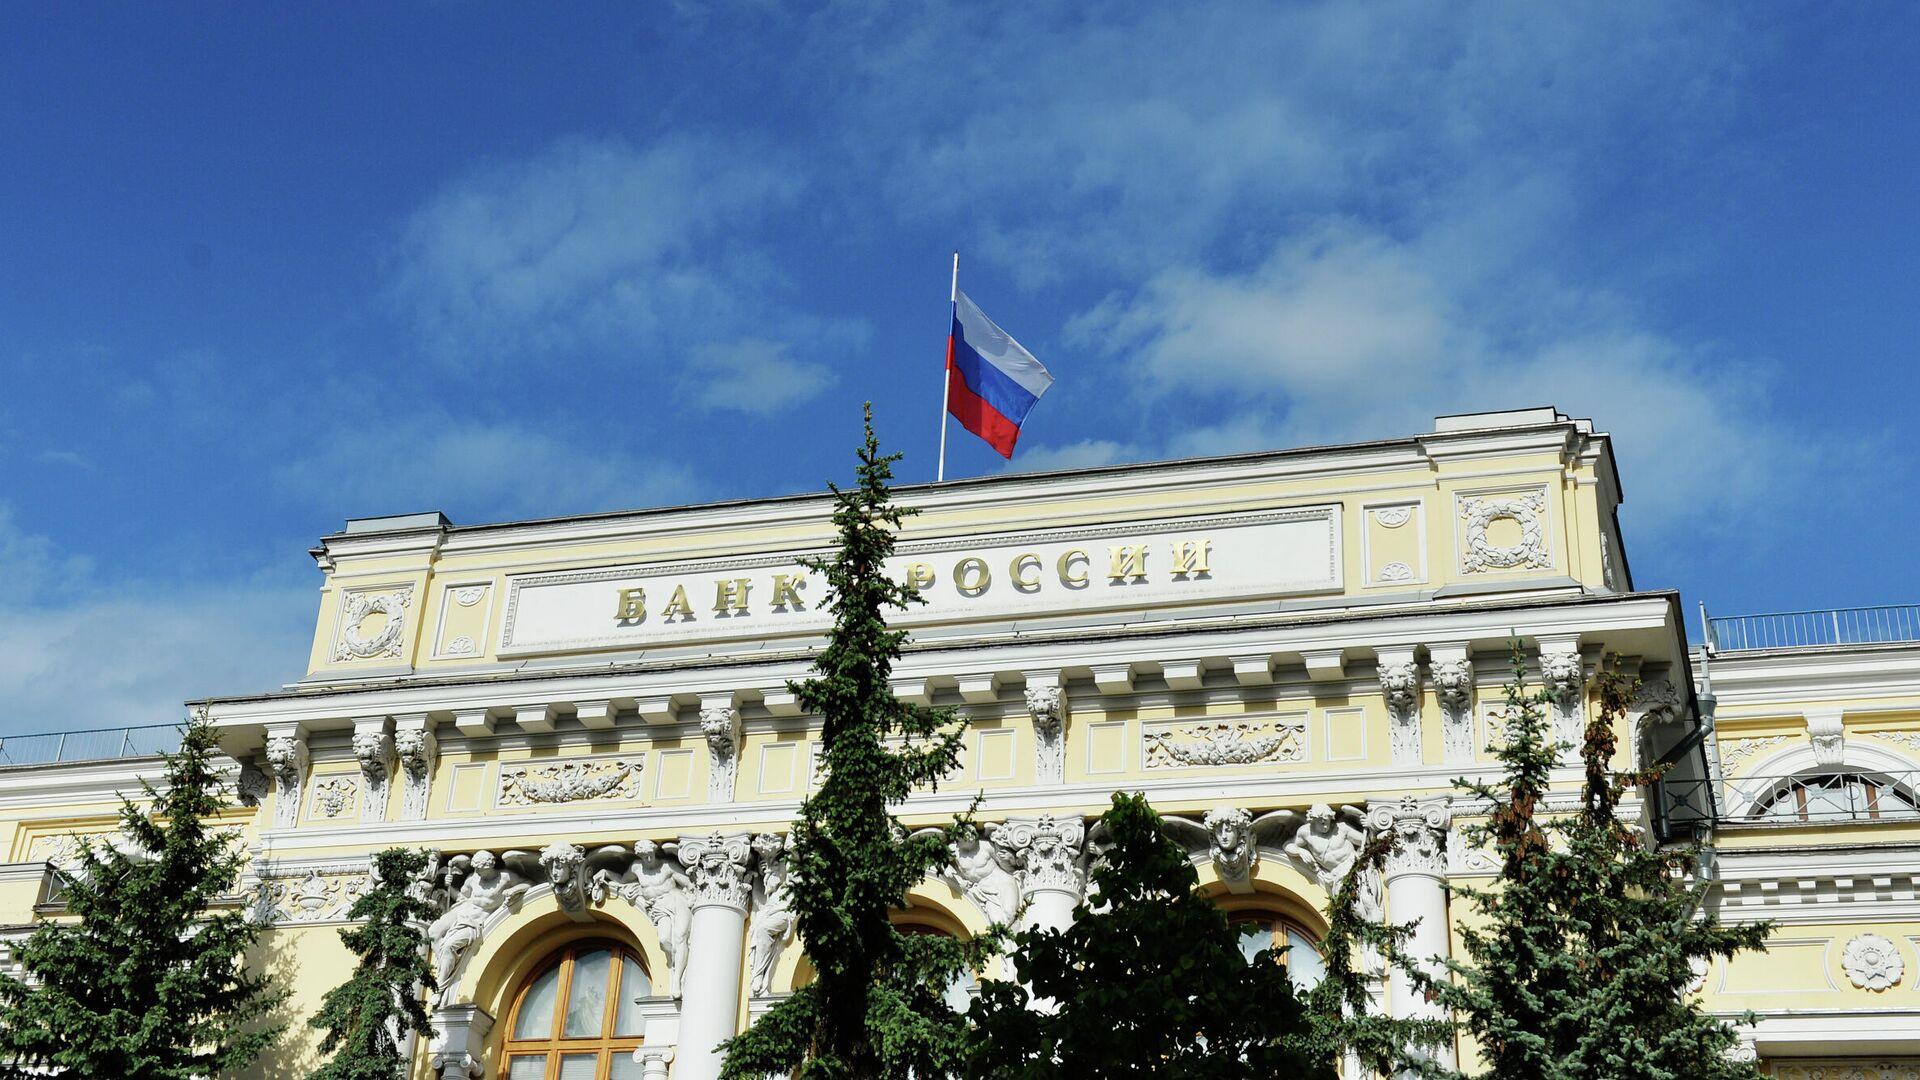 Здание Центрального банка России  - РИА Новости, 1920, 11.06.2021